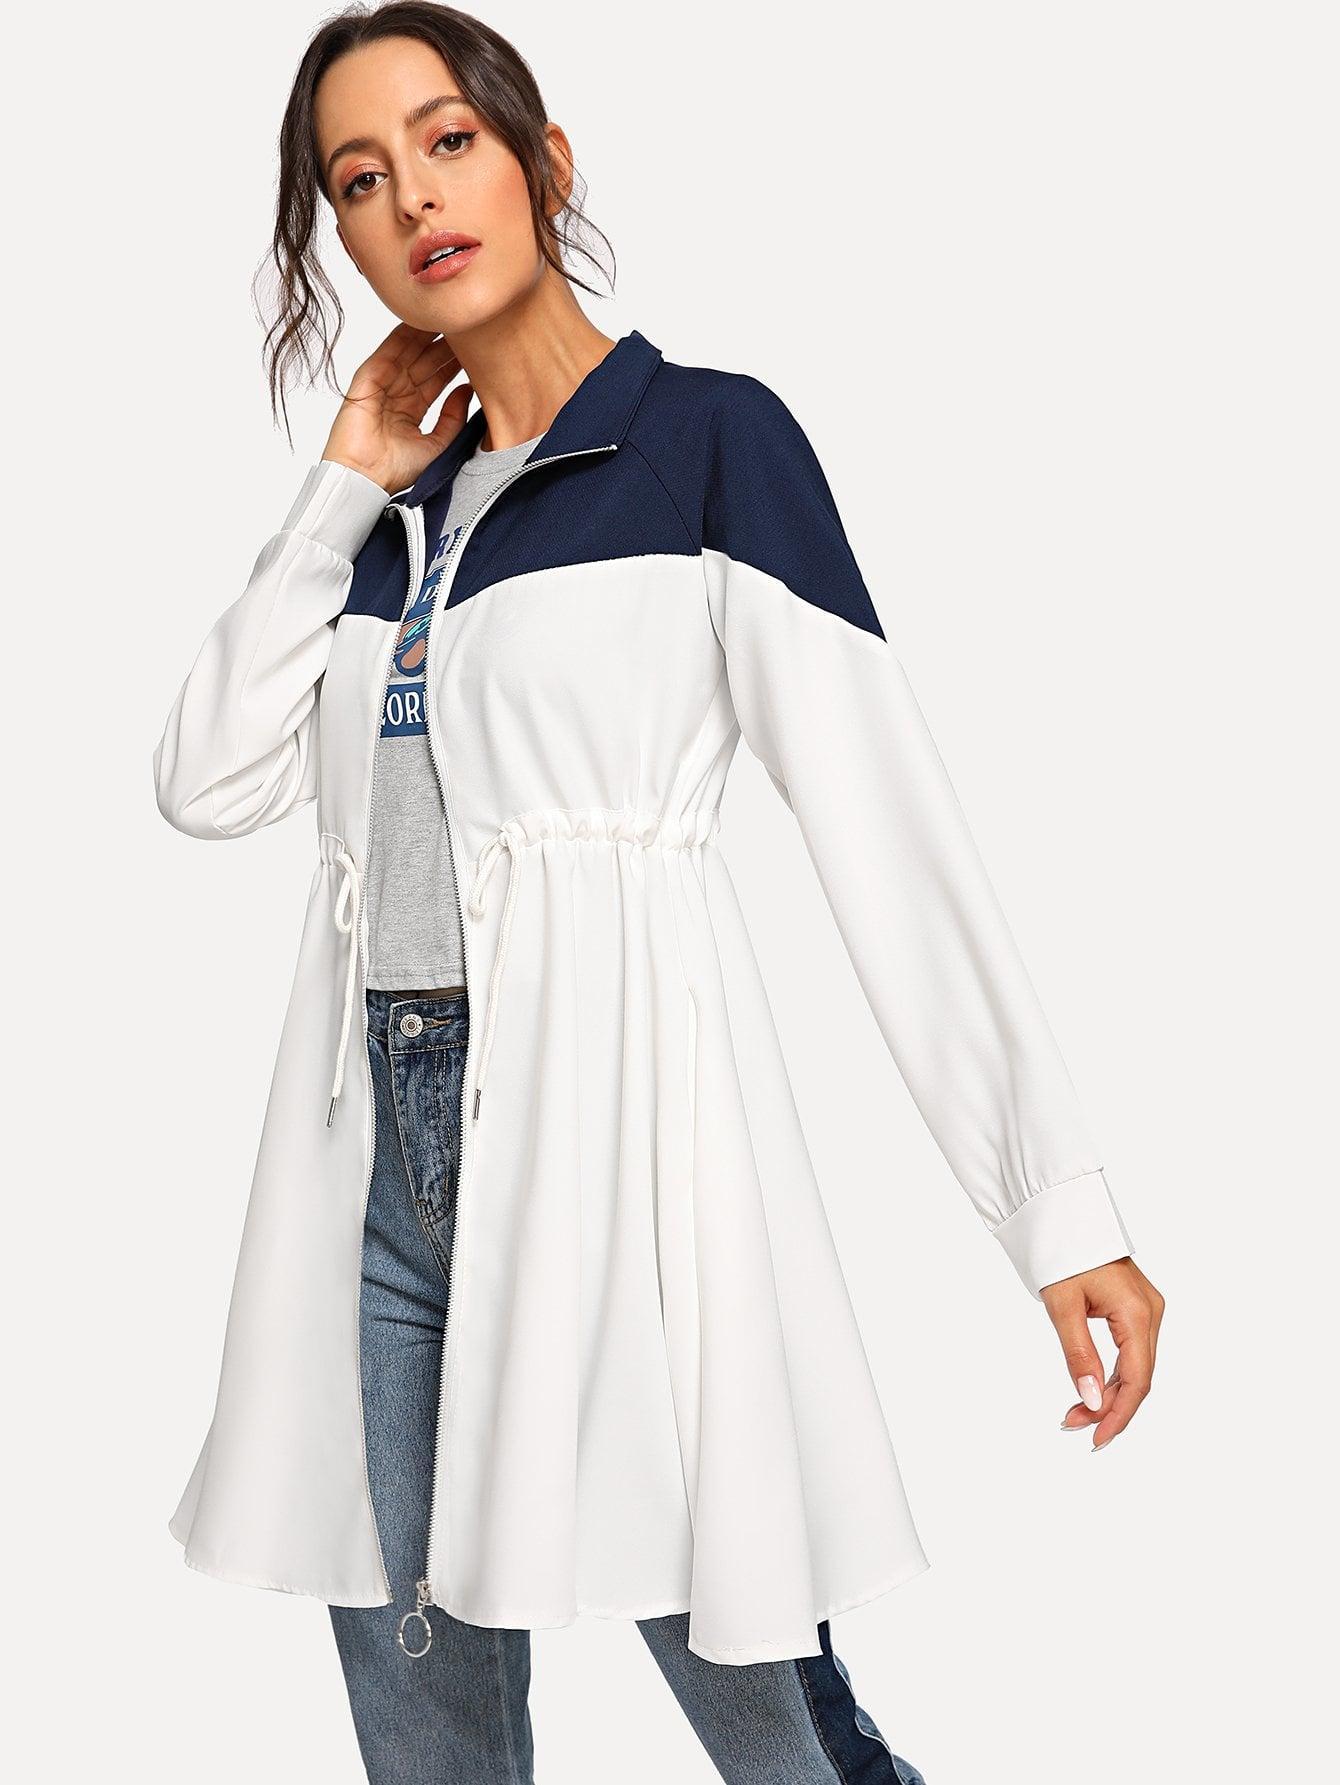 Пальто  Белый цвета